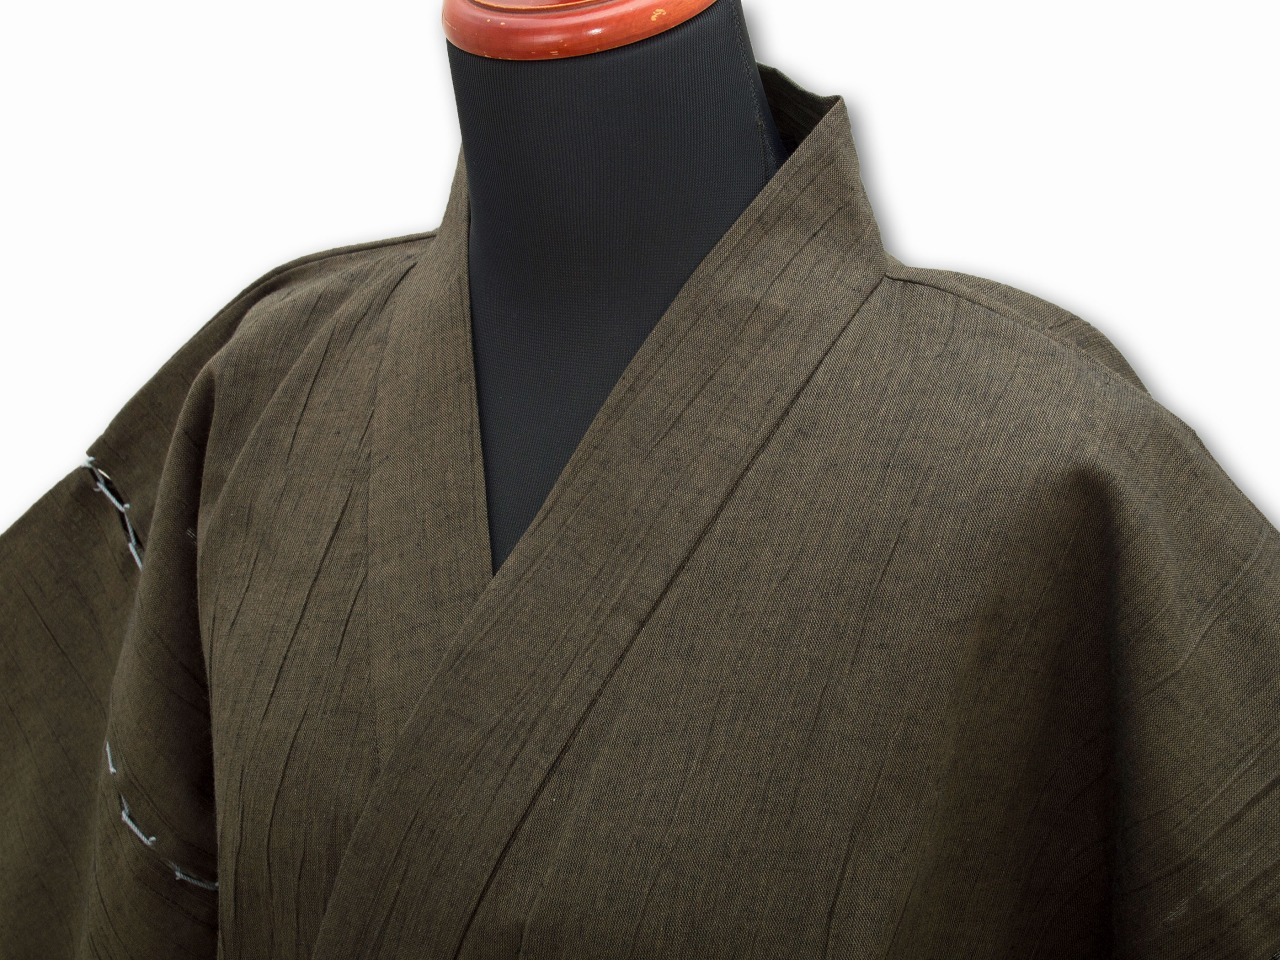 綿麻楊柳甚平(日本製) 茶 マネキン着用